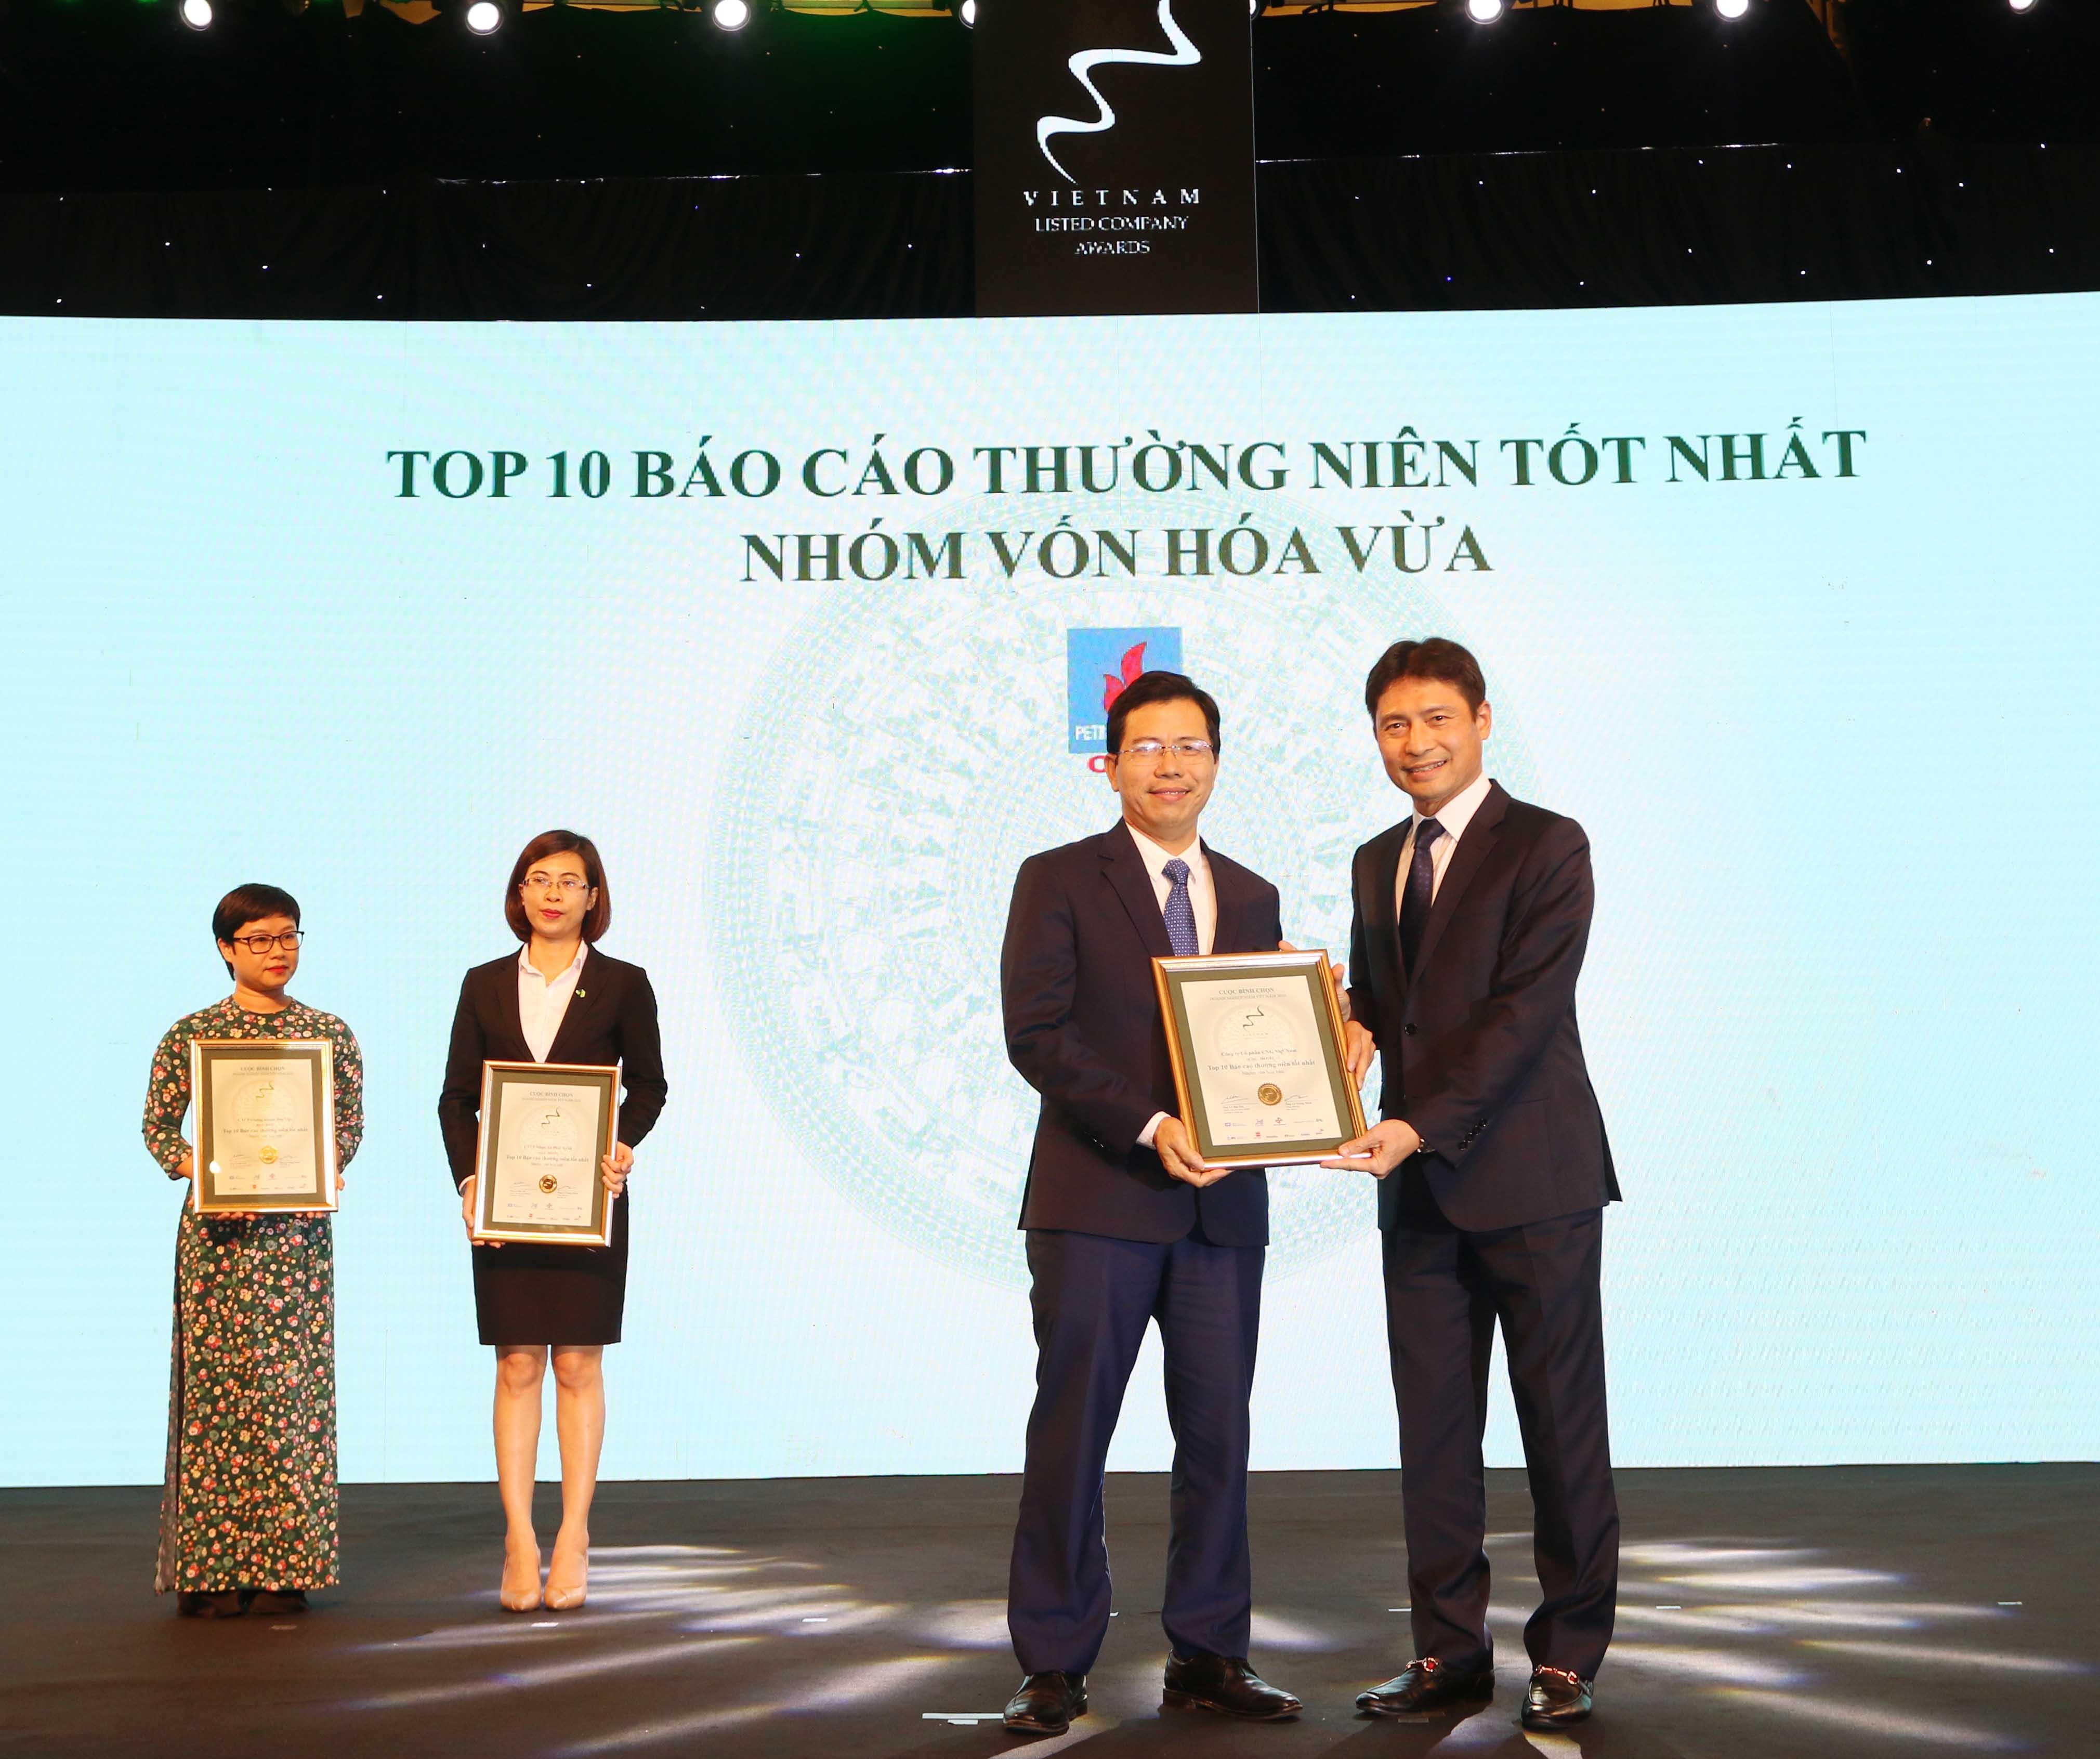 https://www.aravietnam.vn/wp-content/uploads/2020/12/24_Dai-diện-CNG-TOP-10-NNNY-nhóm-vốn-hóa-vừa-có-BCTN-tốt-nhất.jpg